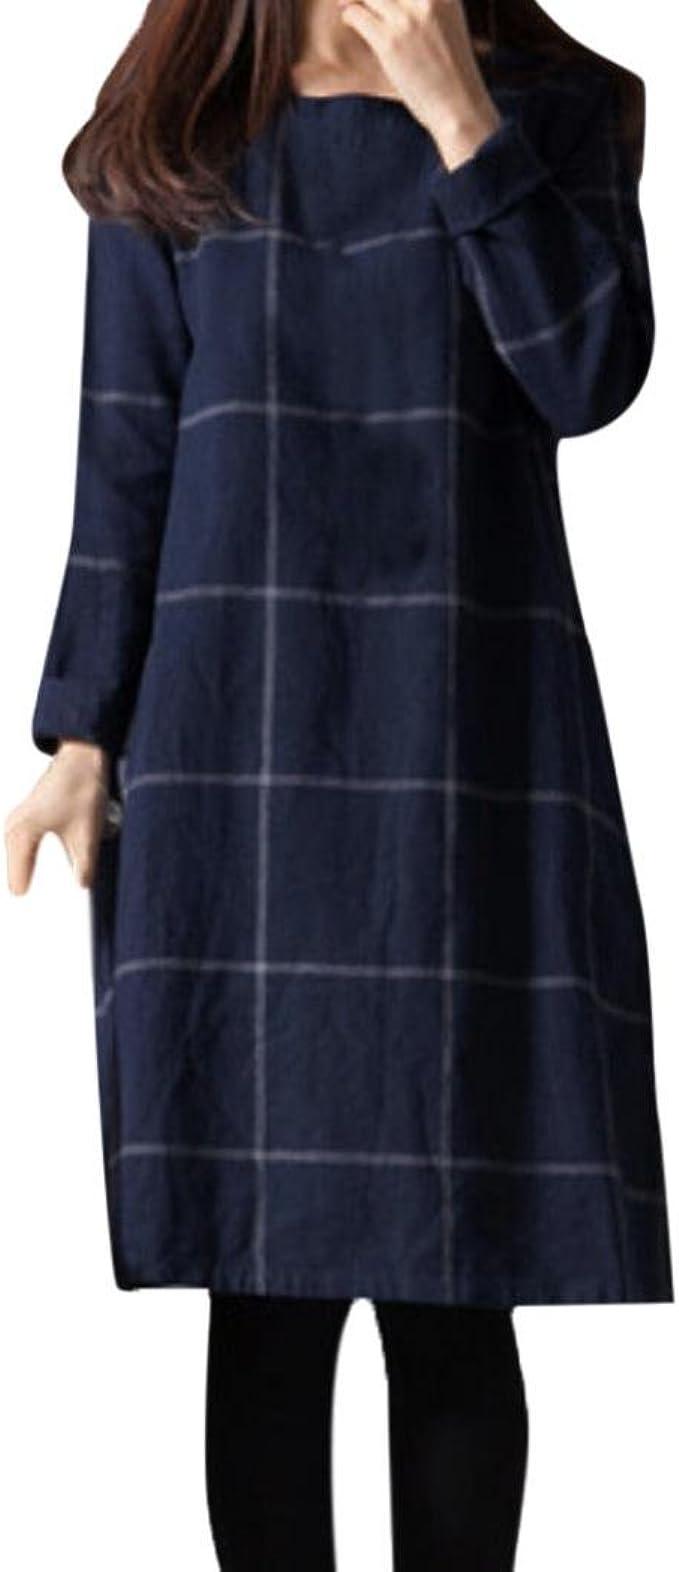 Hirolan Damenkleider Damen Hemdkleid Jahrgang Lose Kleid Beiläufig